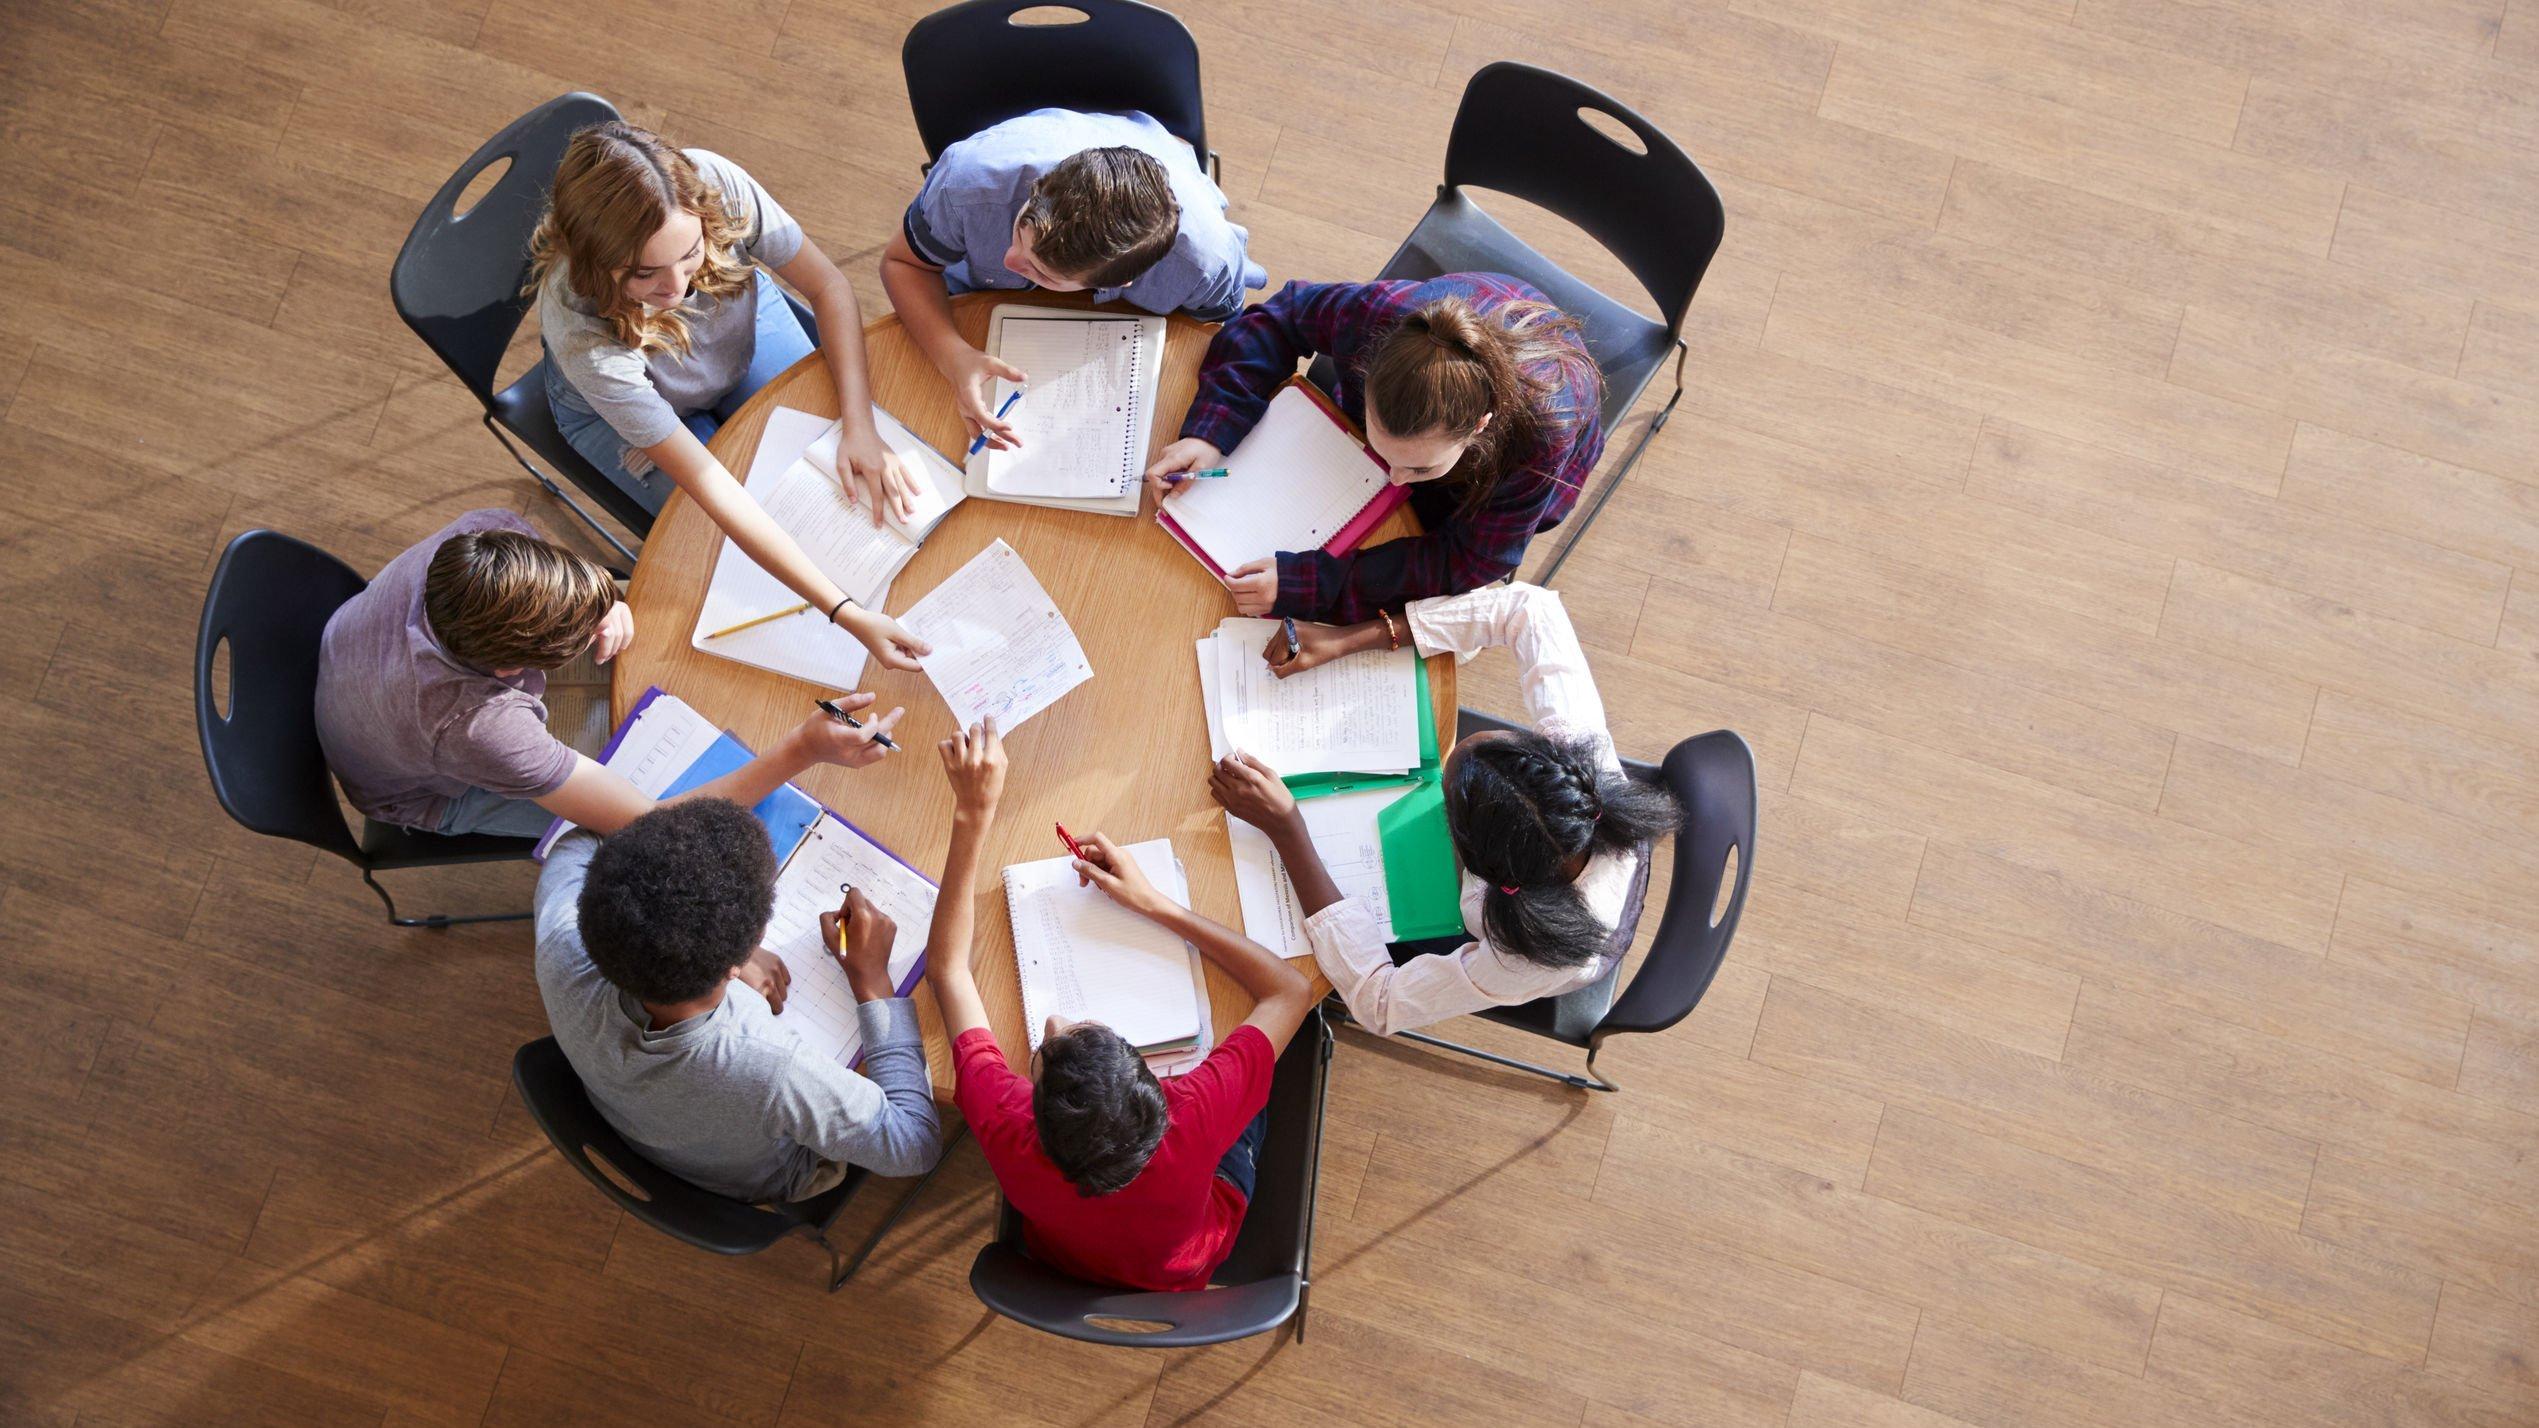 Grupo de estudantes reunidos sentados fazendo trabalho